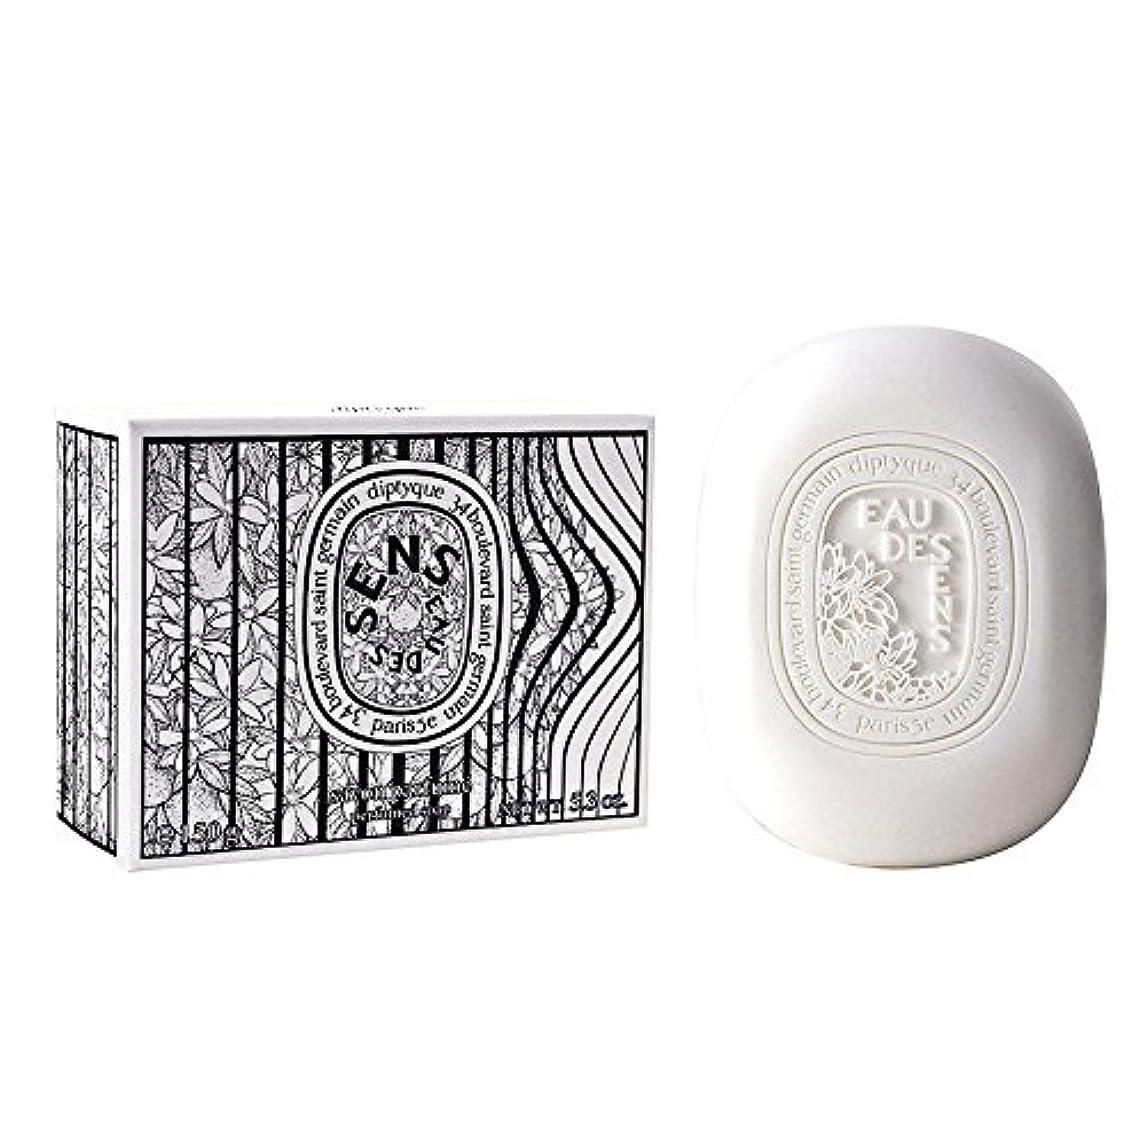 エチケット銀河ディレクターDiptyque Eau Des Sens (ディプティック オー デ センス) 150g Soap (石けん) for Women